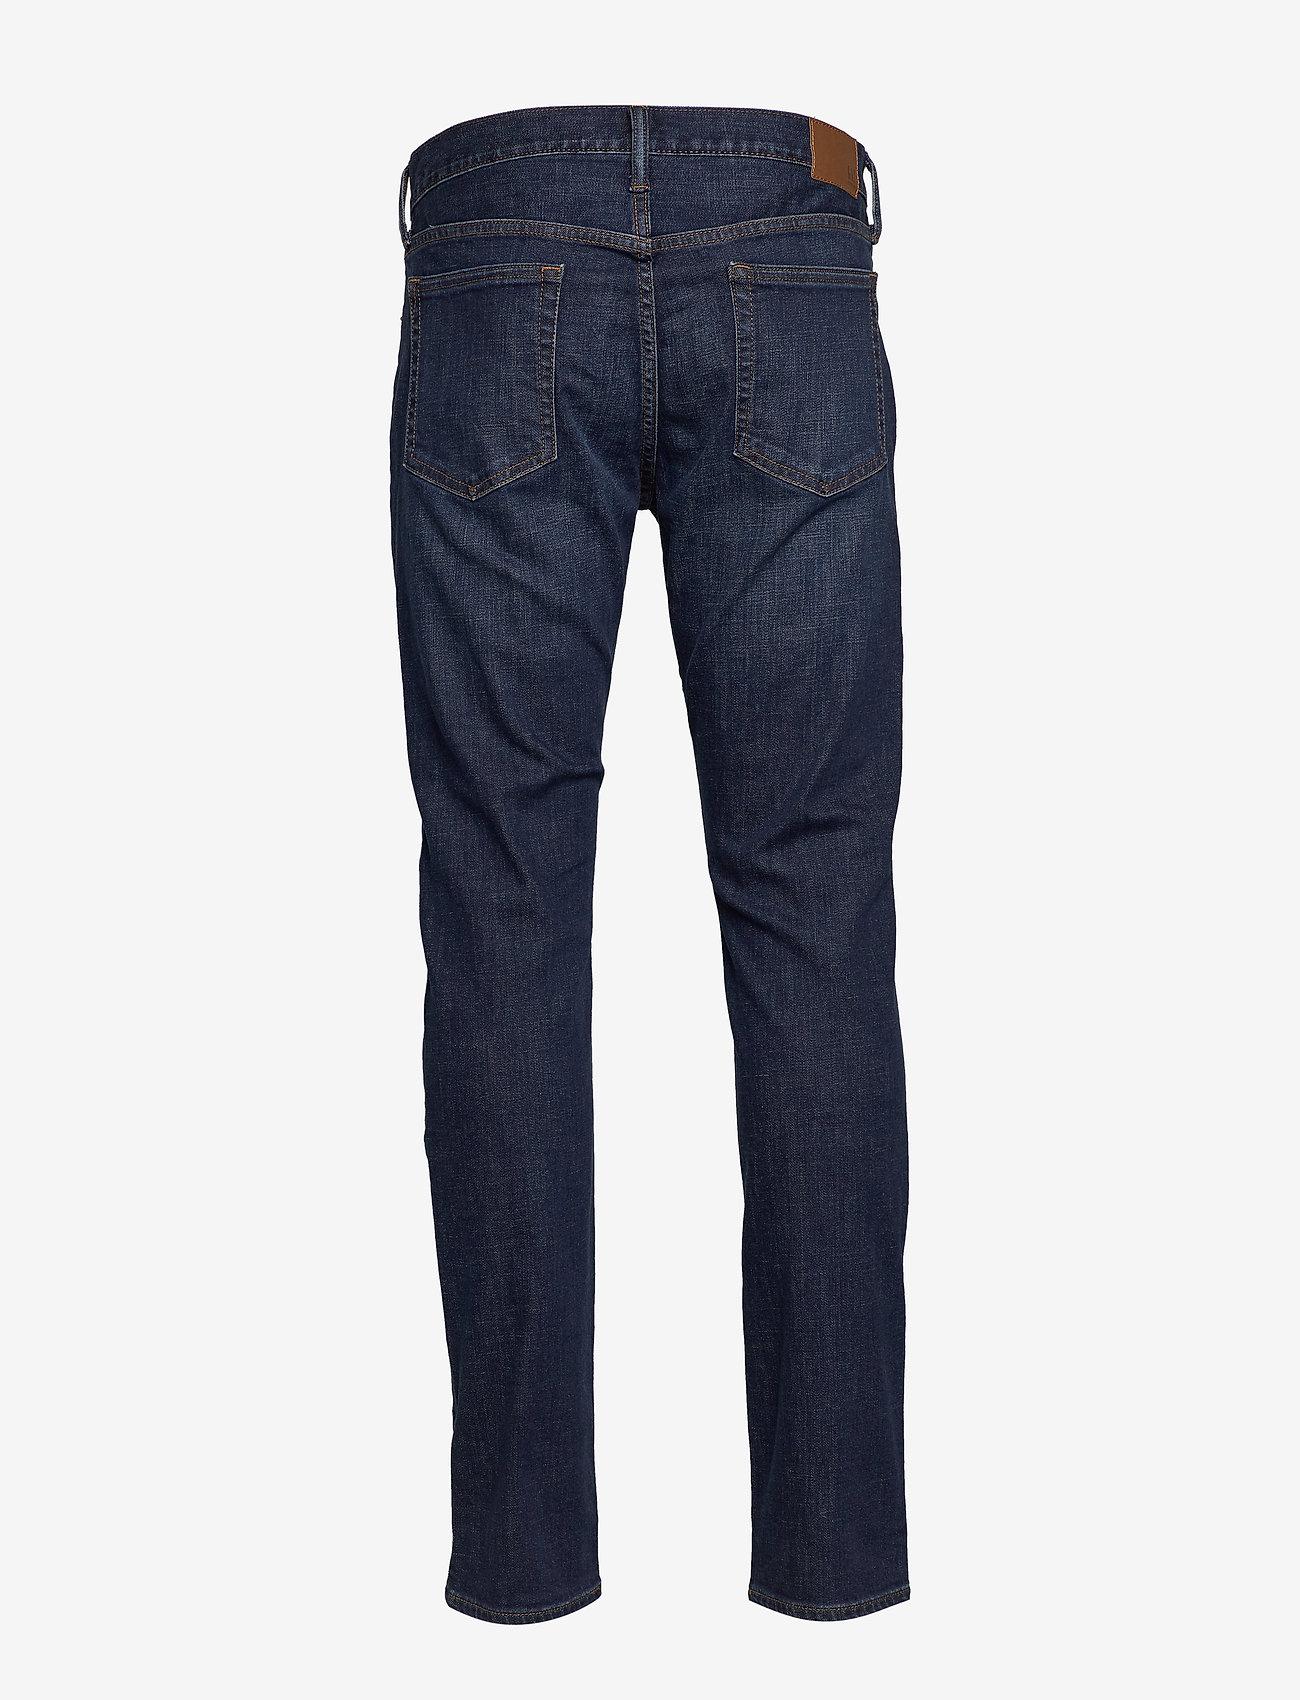 GAP - Slim Jeans with GapFlex - slim jeans - worn dark - 1